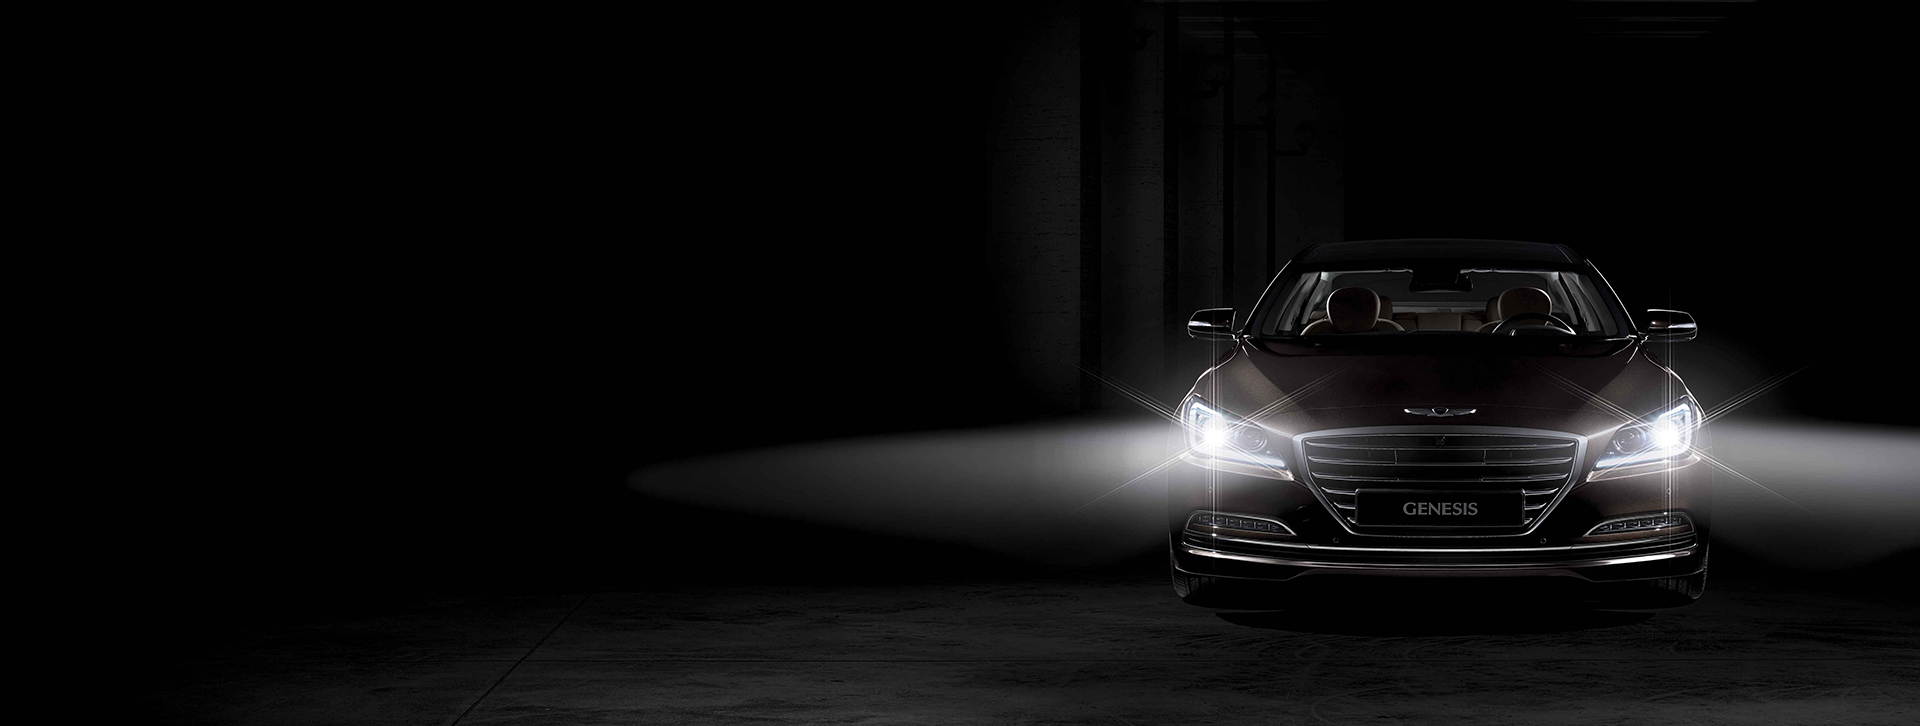 Genesis G90 - 2016 - front light / feux avant